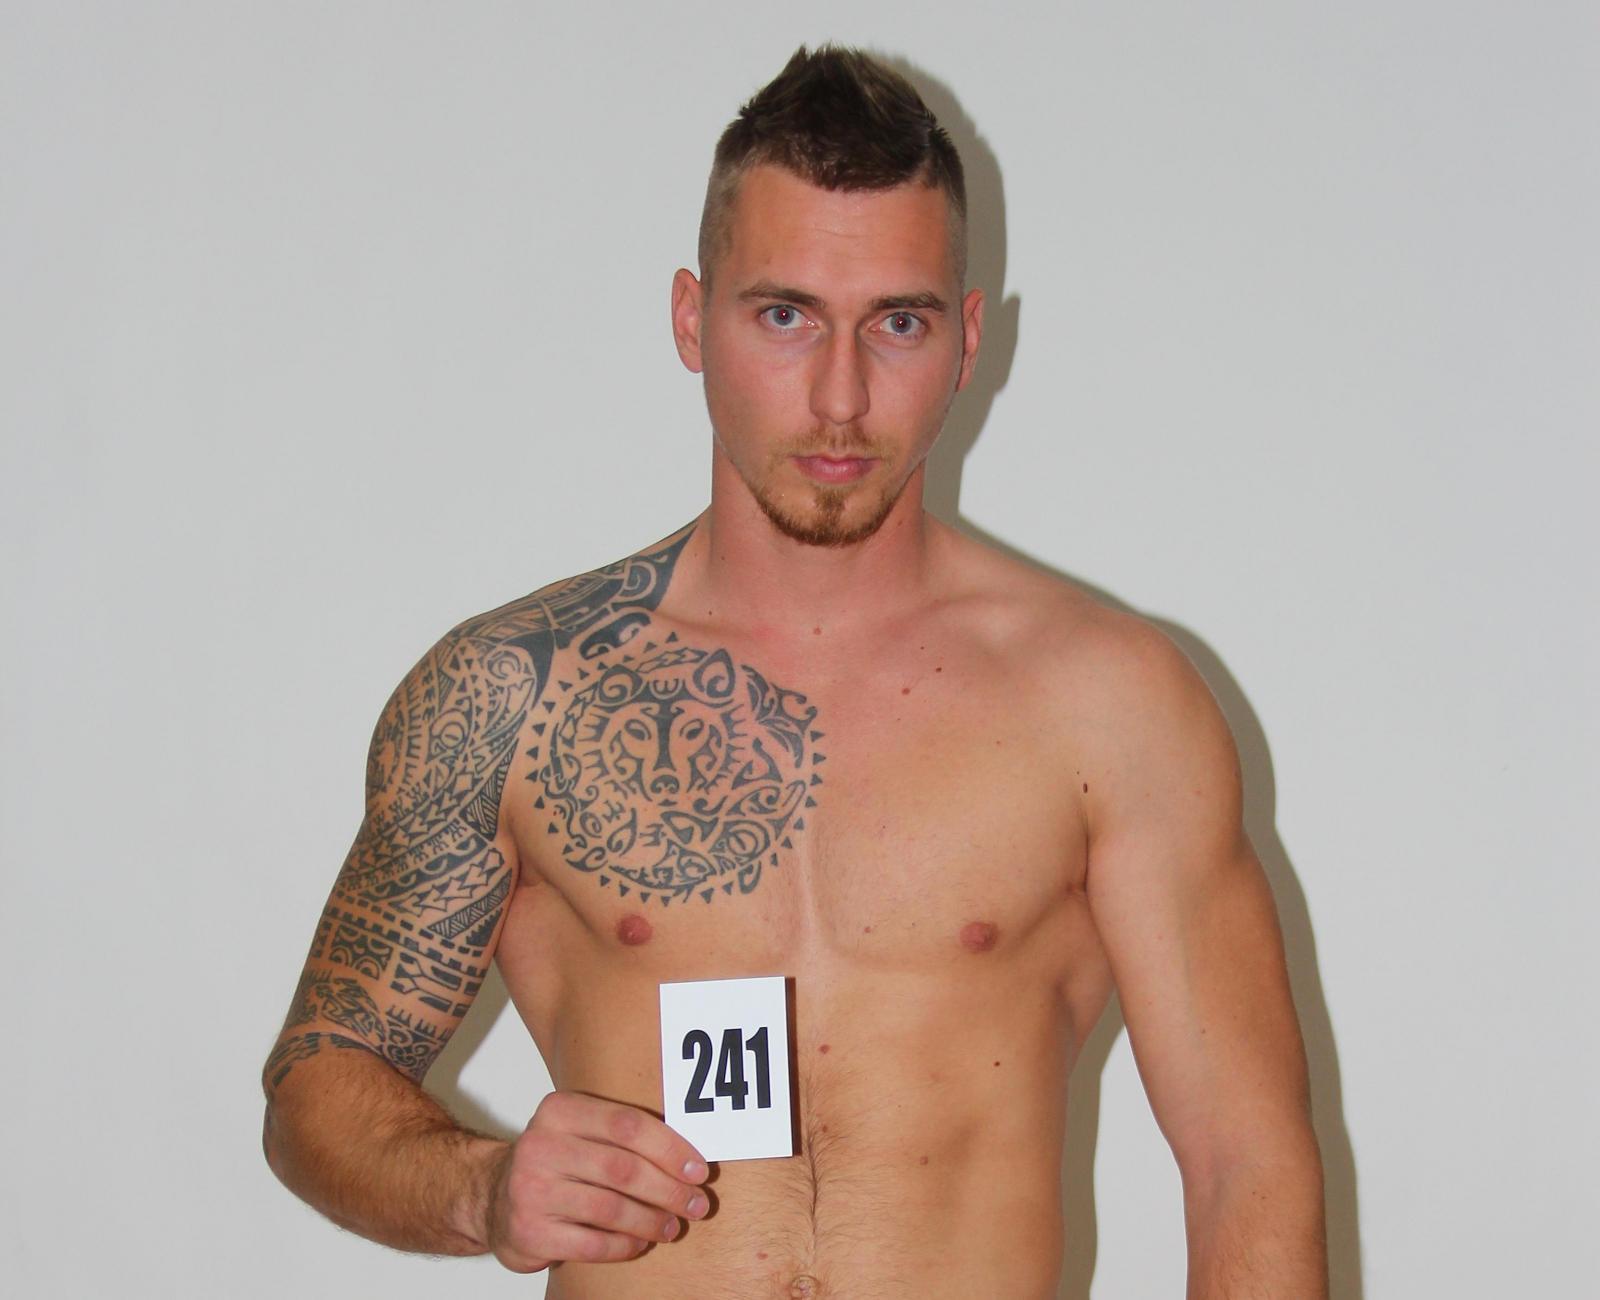 Чемпионат мира по мас-рестлингу. Итоги жеребьевки. Мужчины до 80 кг